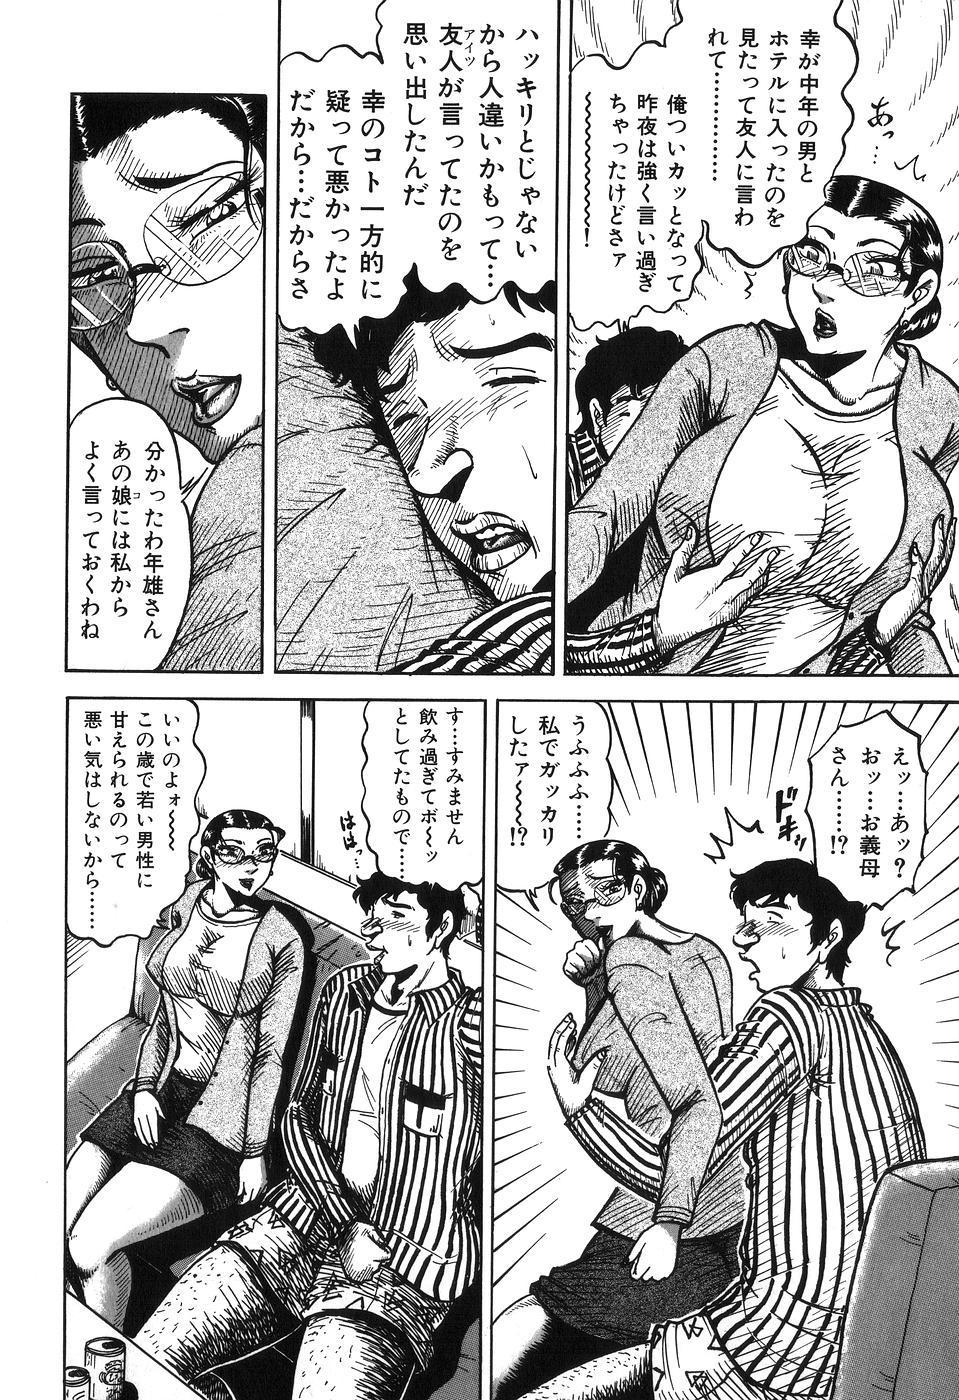 Jukubo Soukan Yosoji no Tawamure 137